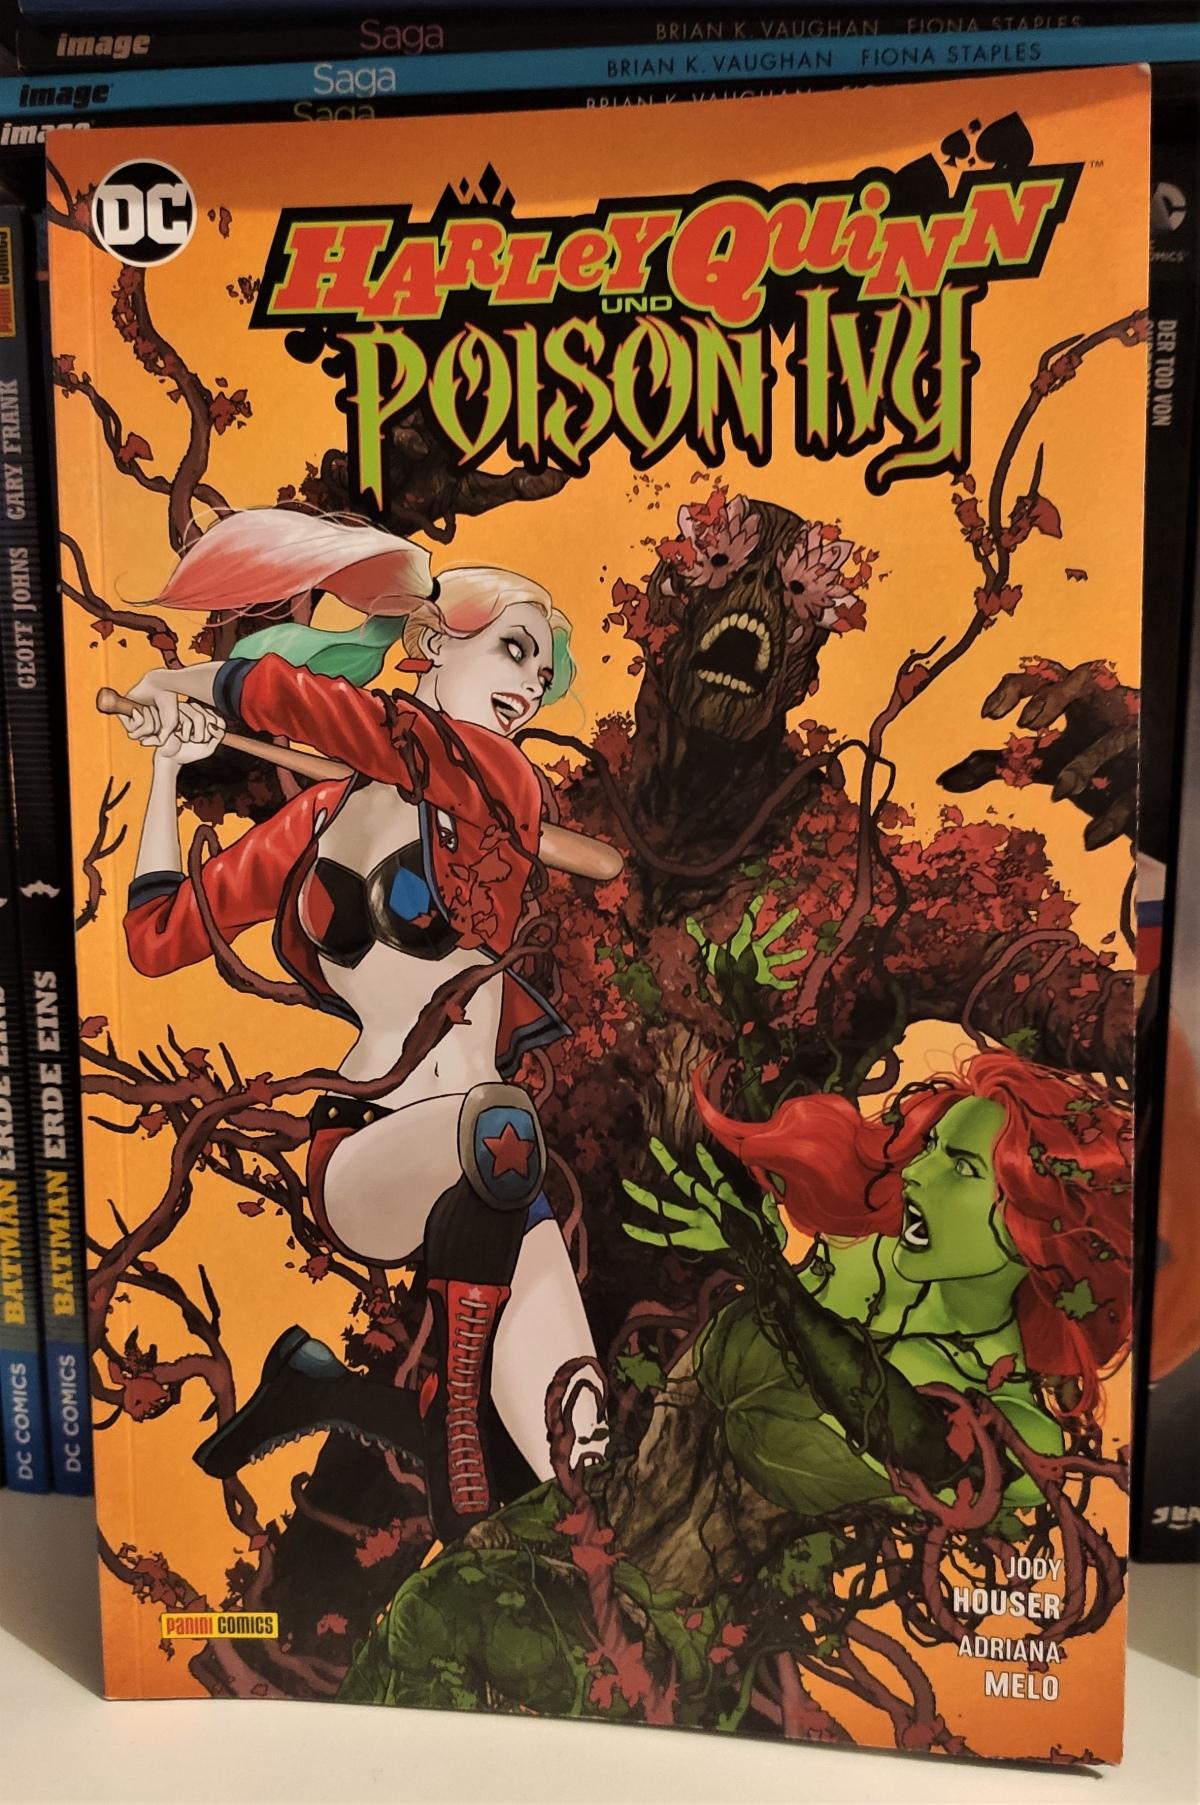 Nerd.Ics liest … Harley Quinn und Poison Ivy |Review